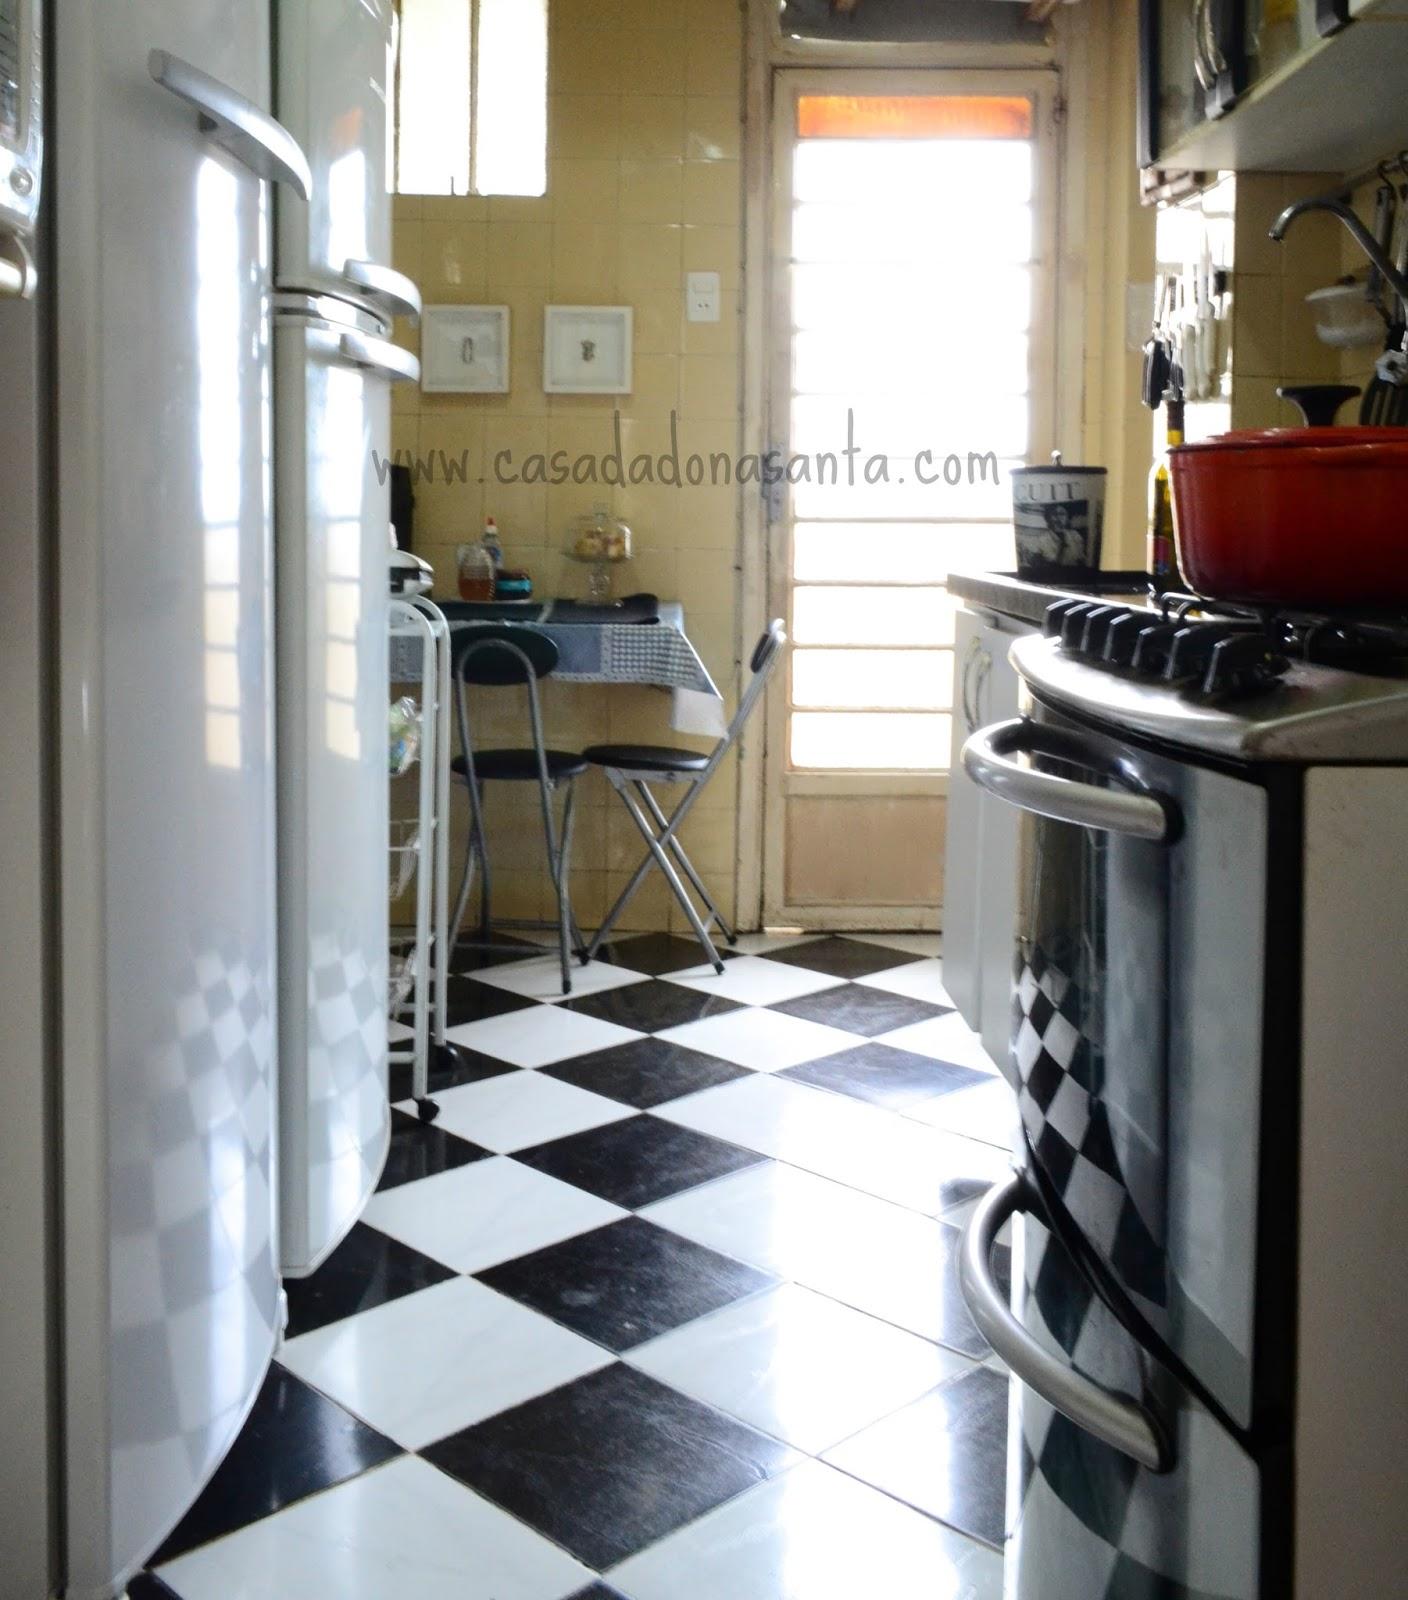 Minha cozinhazinha faz o tipo corredor ou melhor corredorzinho  #856B46 1408 1600